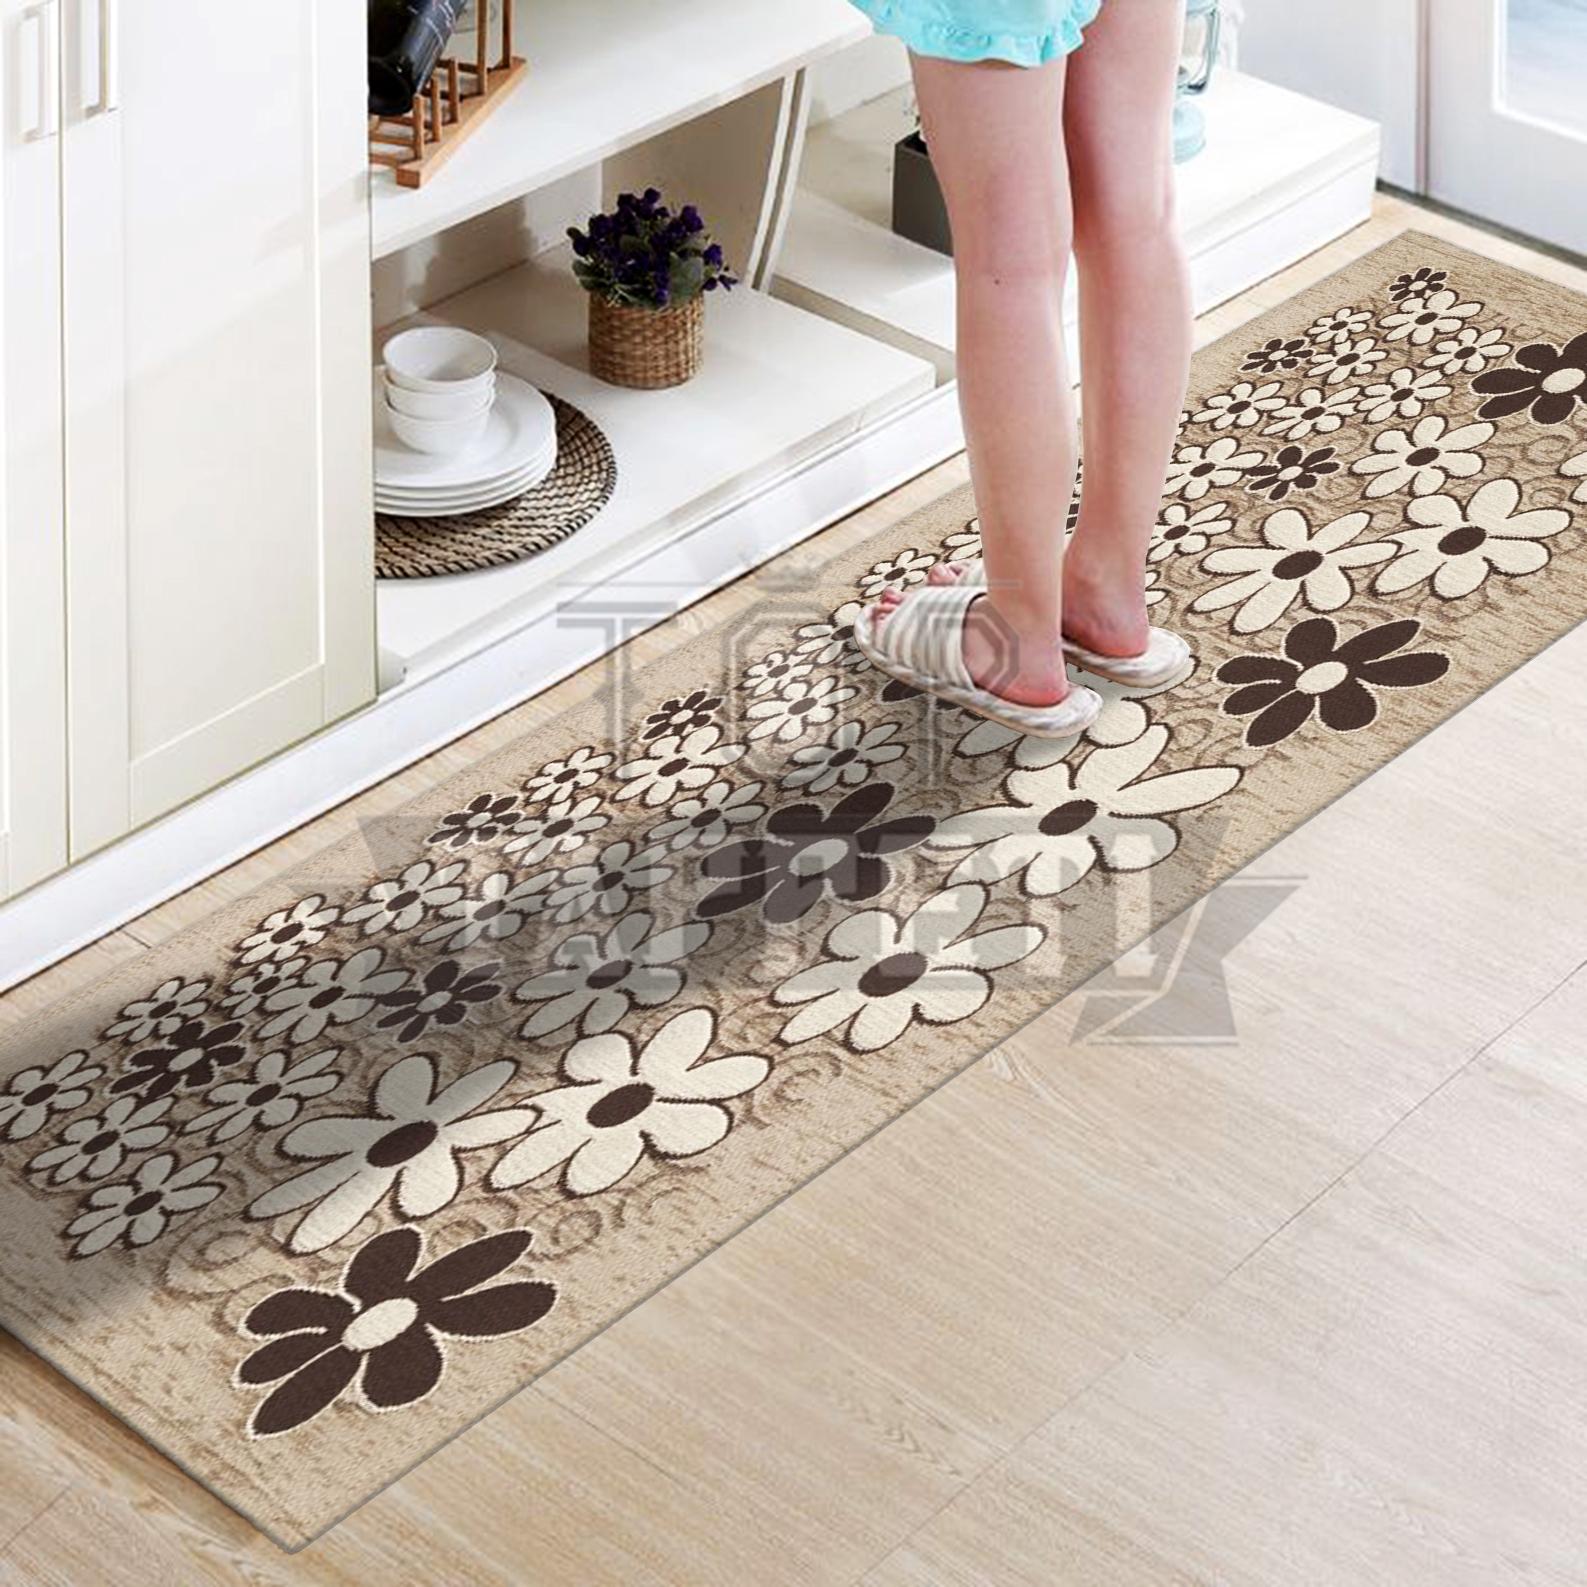 Margherita grigio tappeto passatoia cucina bagno lavabile antiscivolo fiori ebay - Tappeti cucina ebay ...